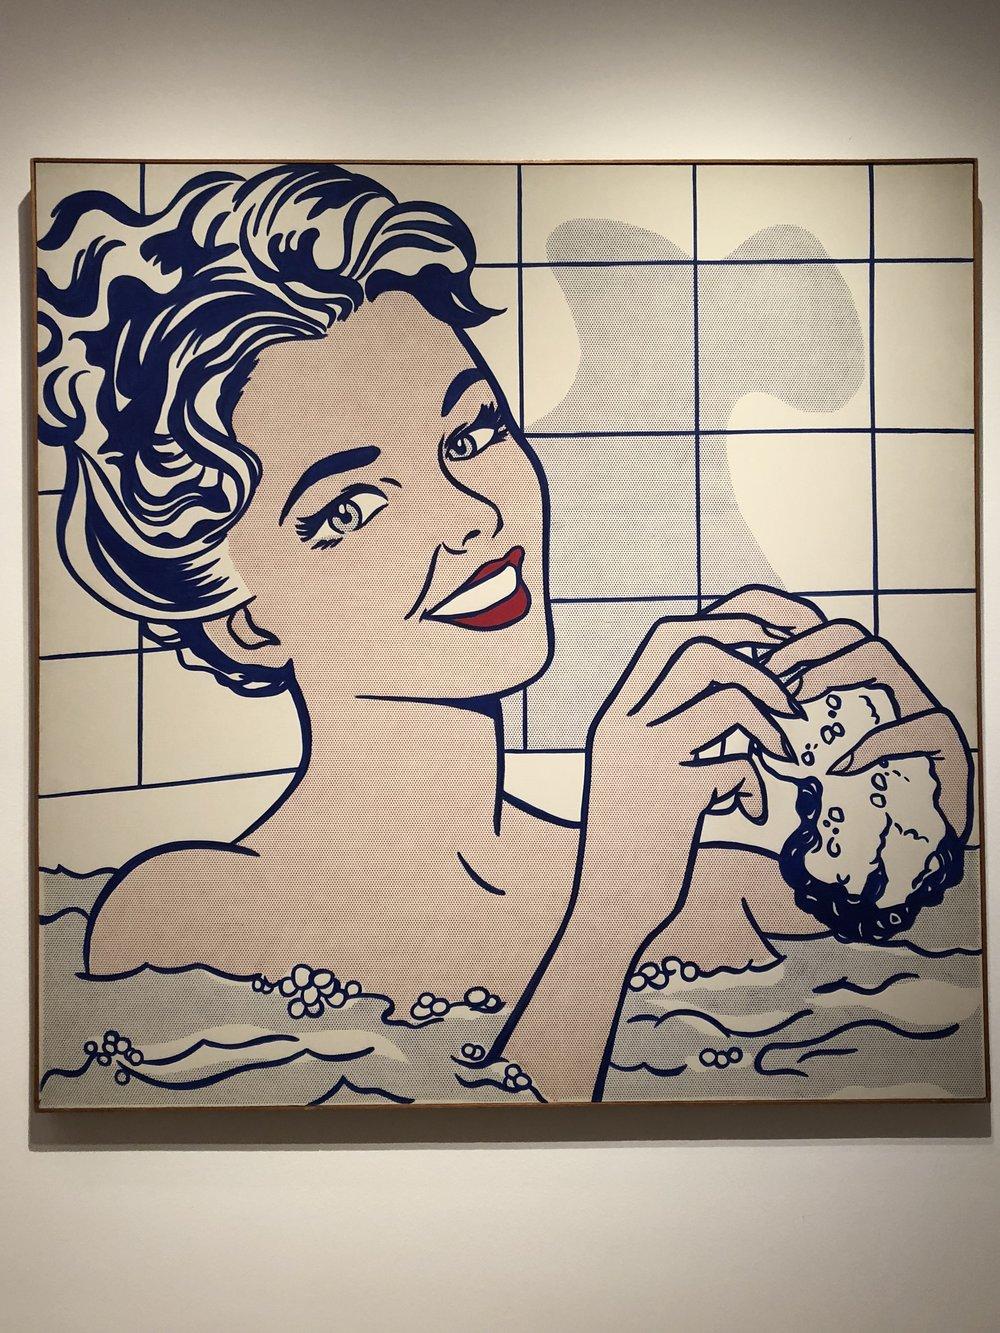 Roy Lichtenstein  Woman in Bath, 1963